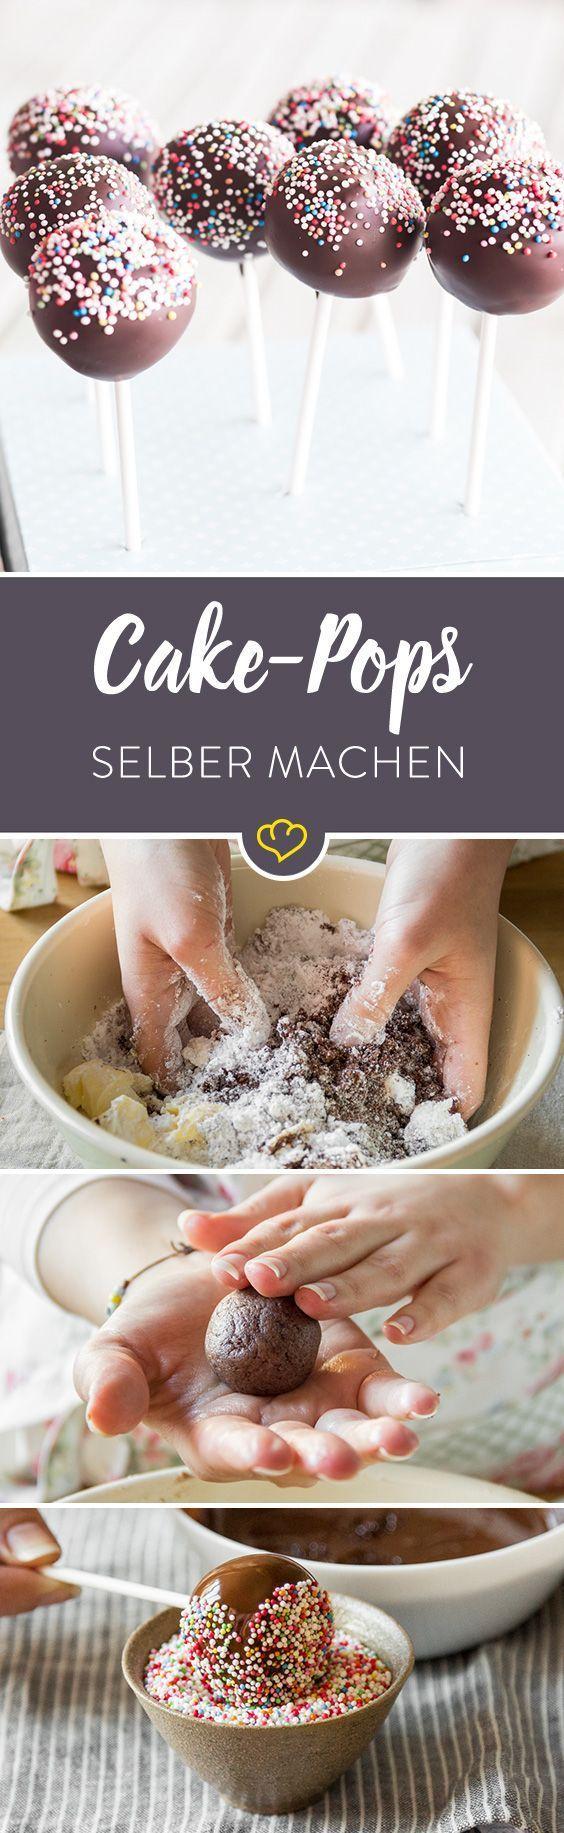 Cake Pops selber machen – So bringst du sie groß raus – Jana